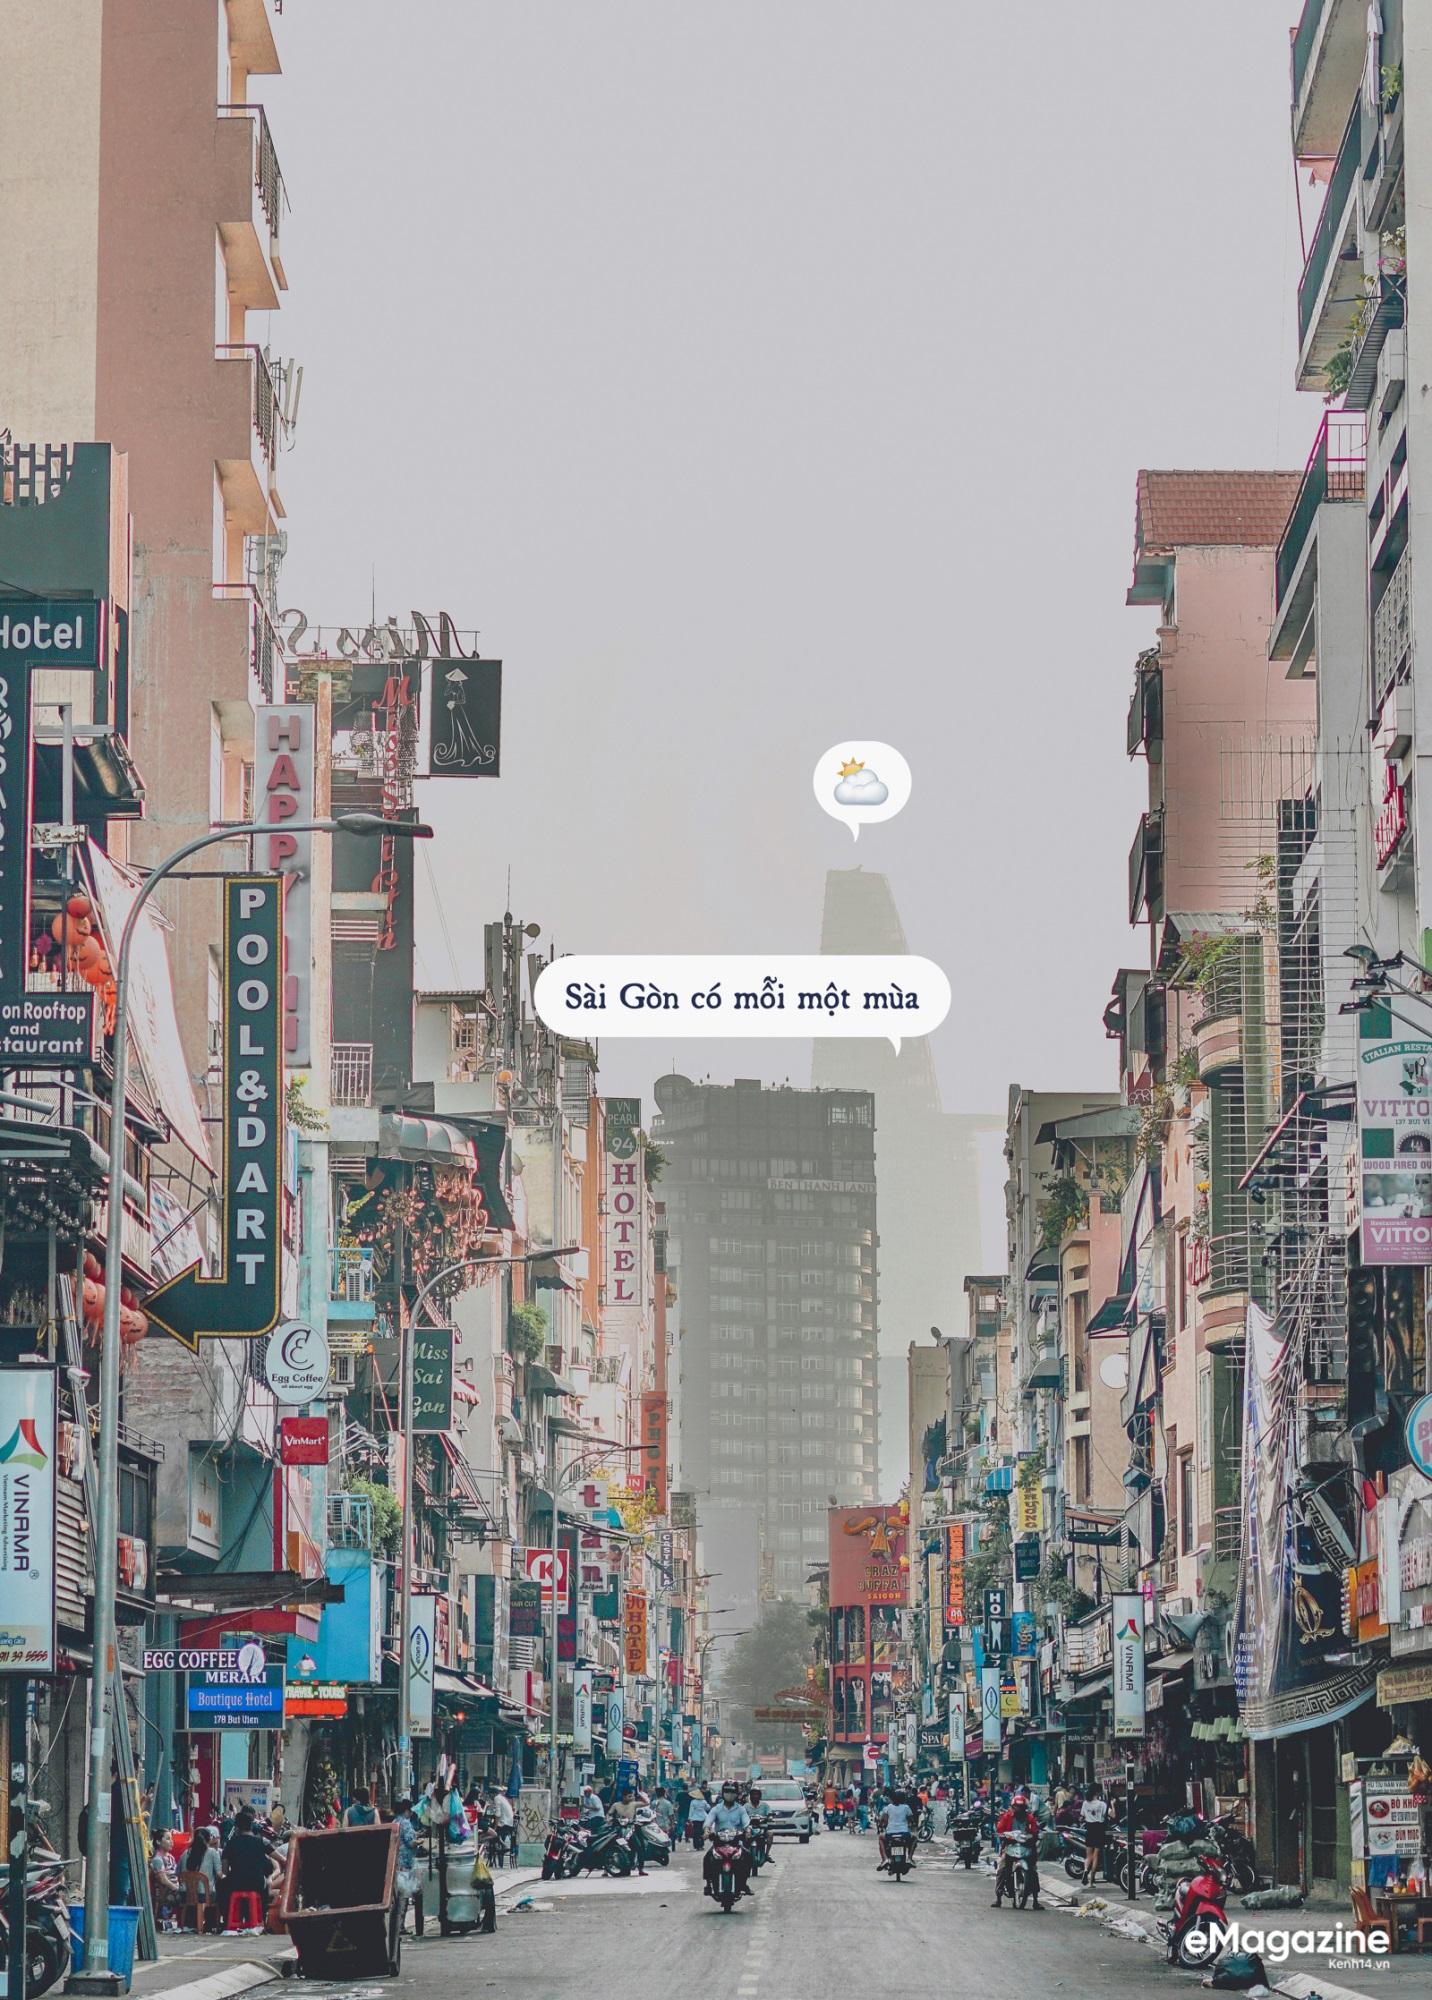 Sài Gòn thiệt thương: Nơi ta để lại tuổi trẻ nhiều nhất, đó sẽ là nơi bình yên nhất - Ảnh 6